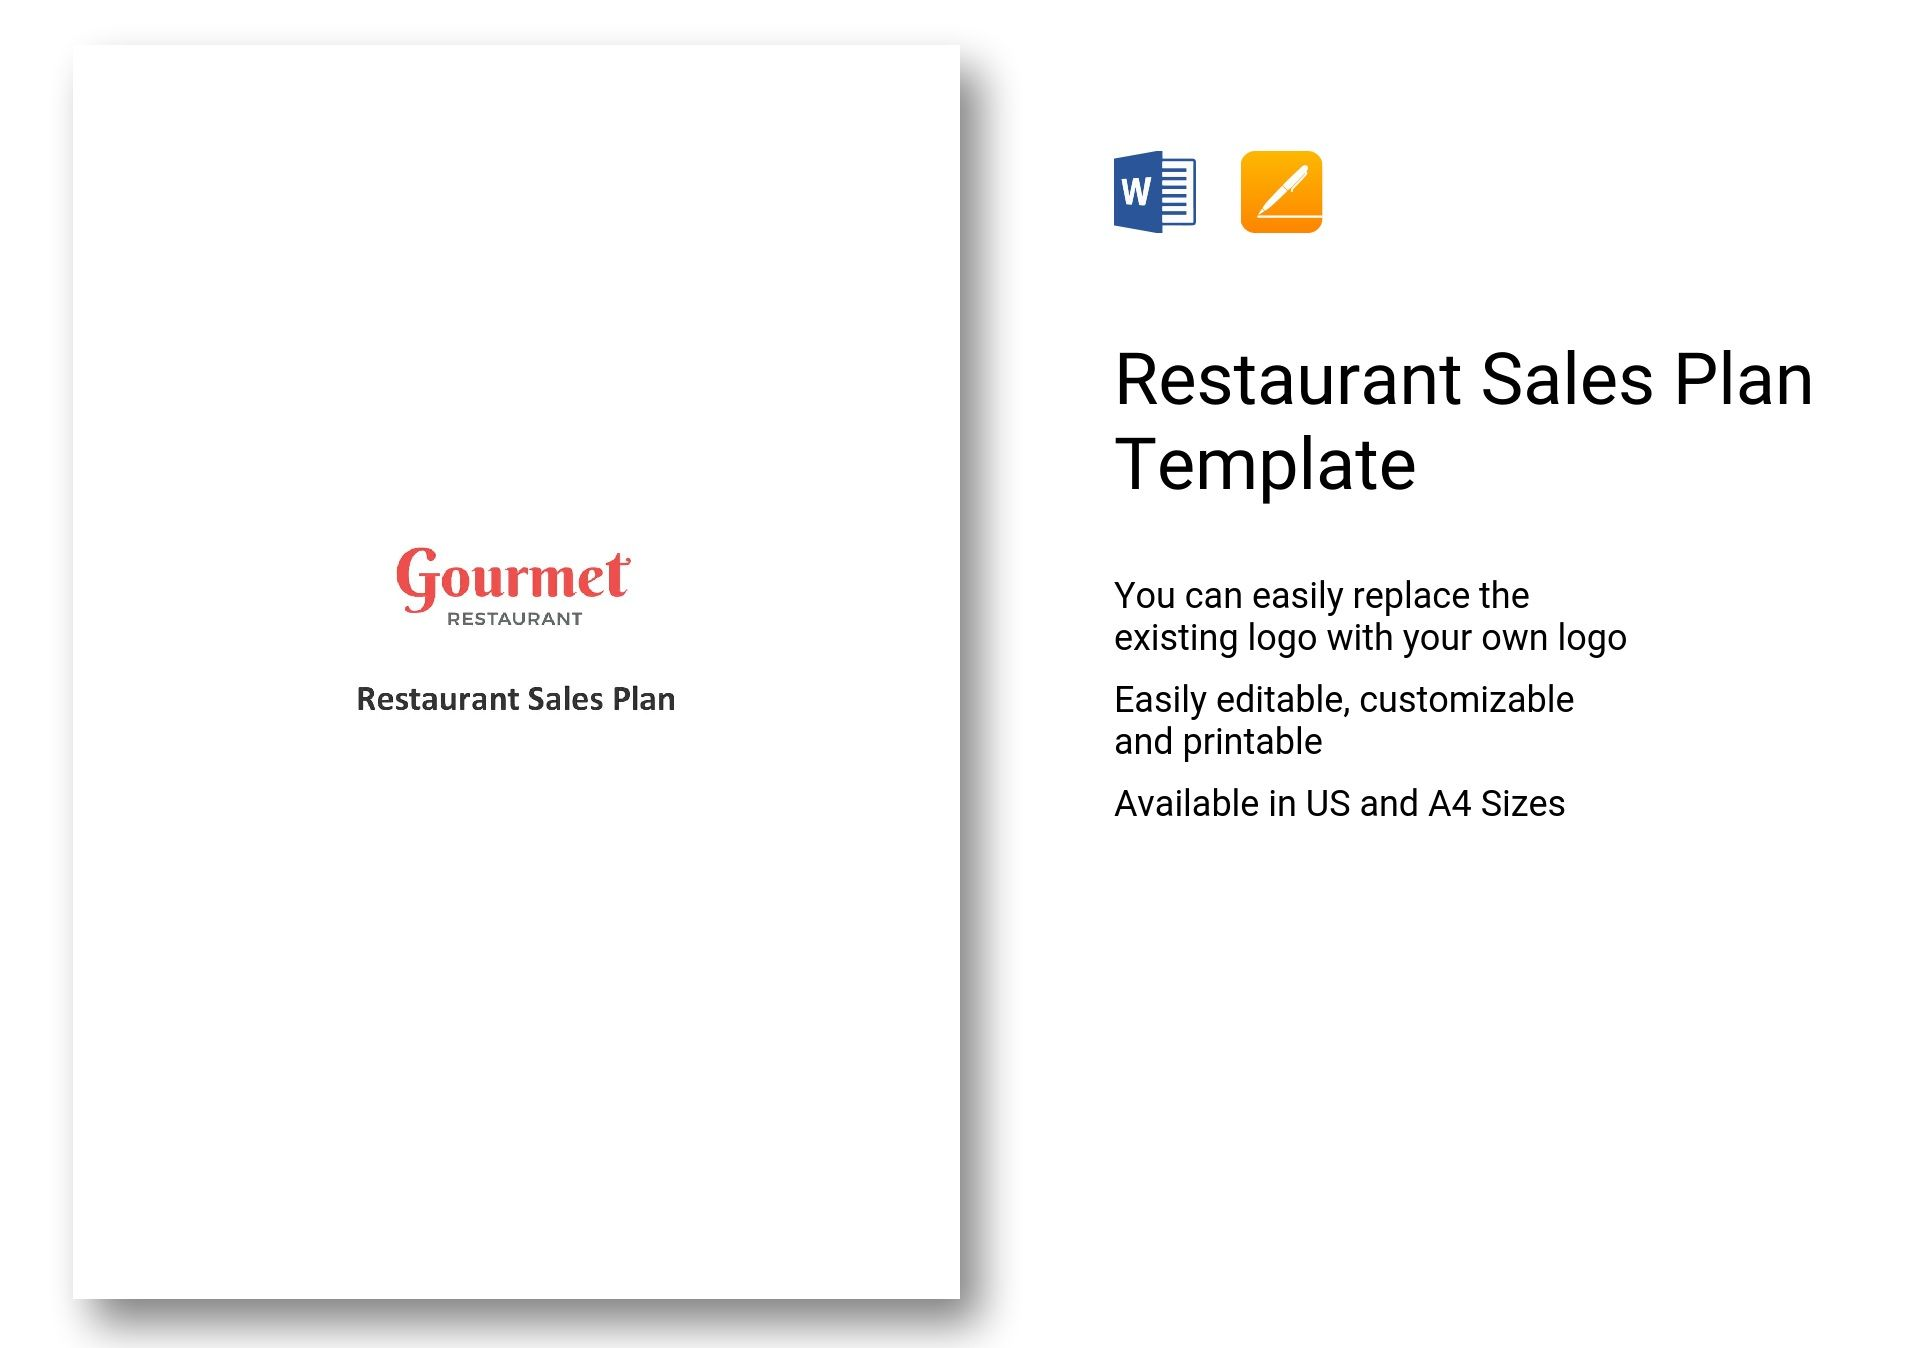 Restaurant Sales Plan